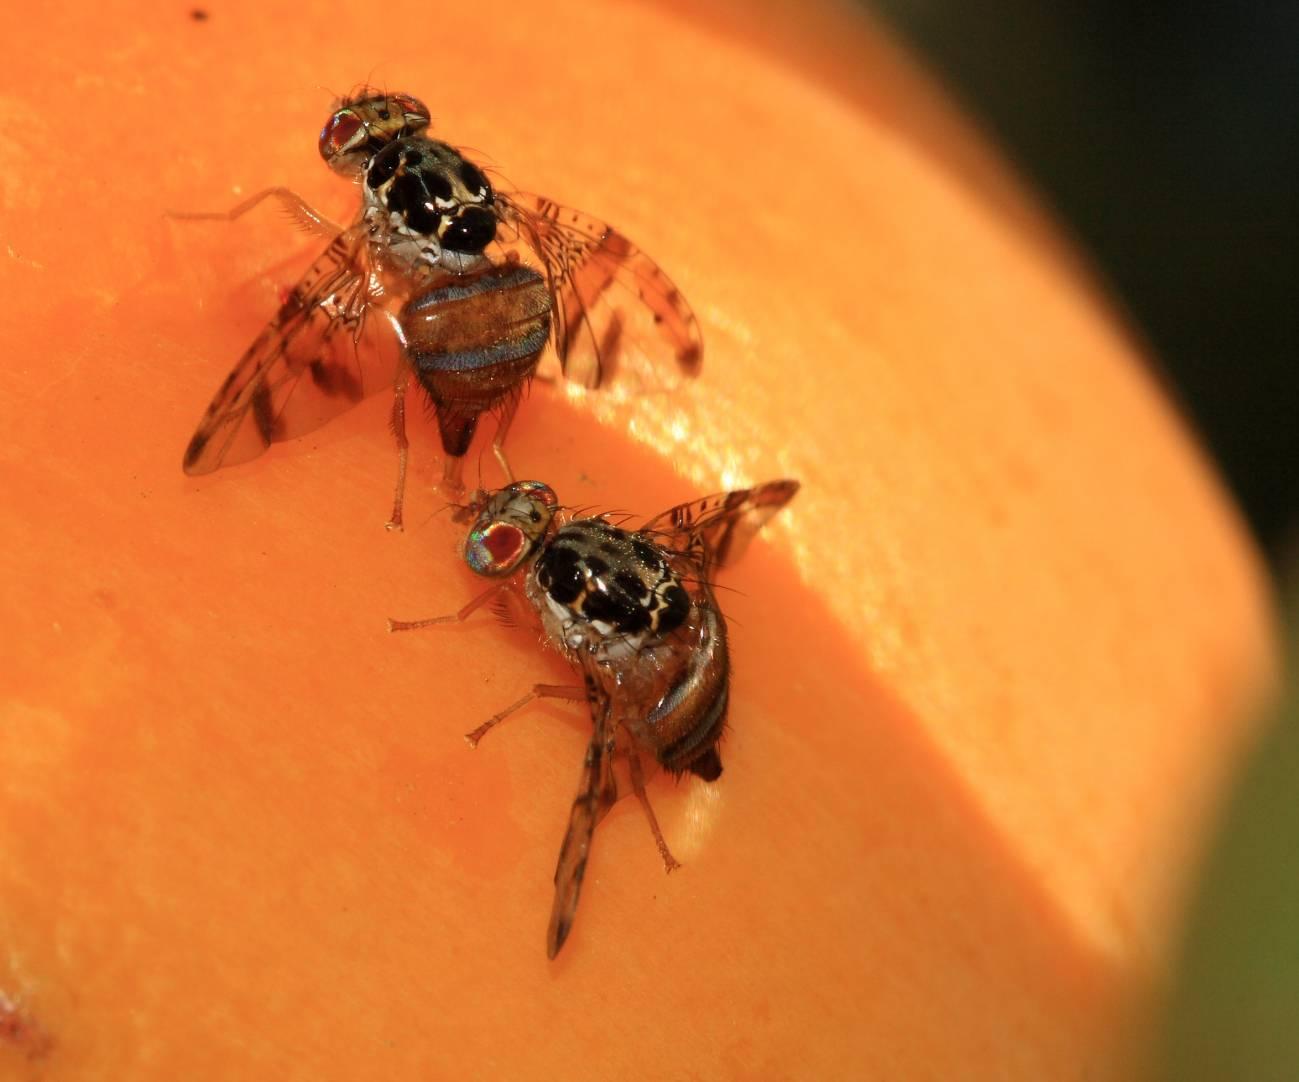 Estudiar el cerebro de la mosca de la fruta para entender funciones complejas del sistema nervioso